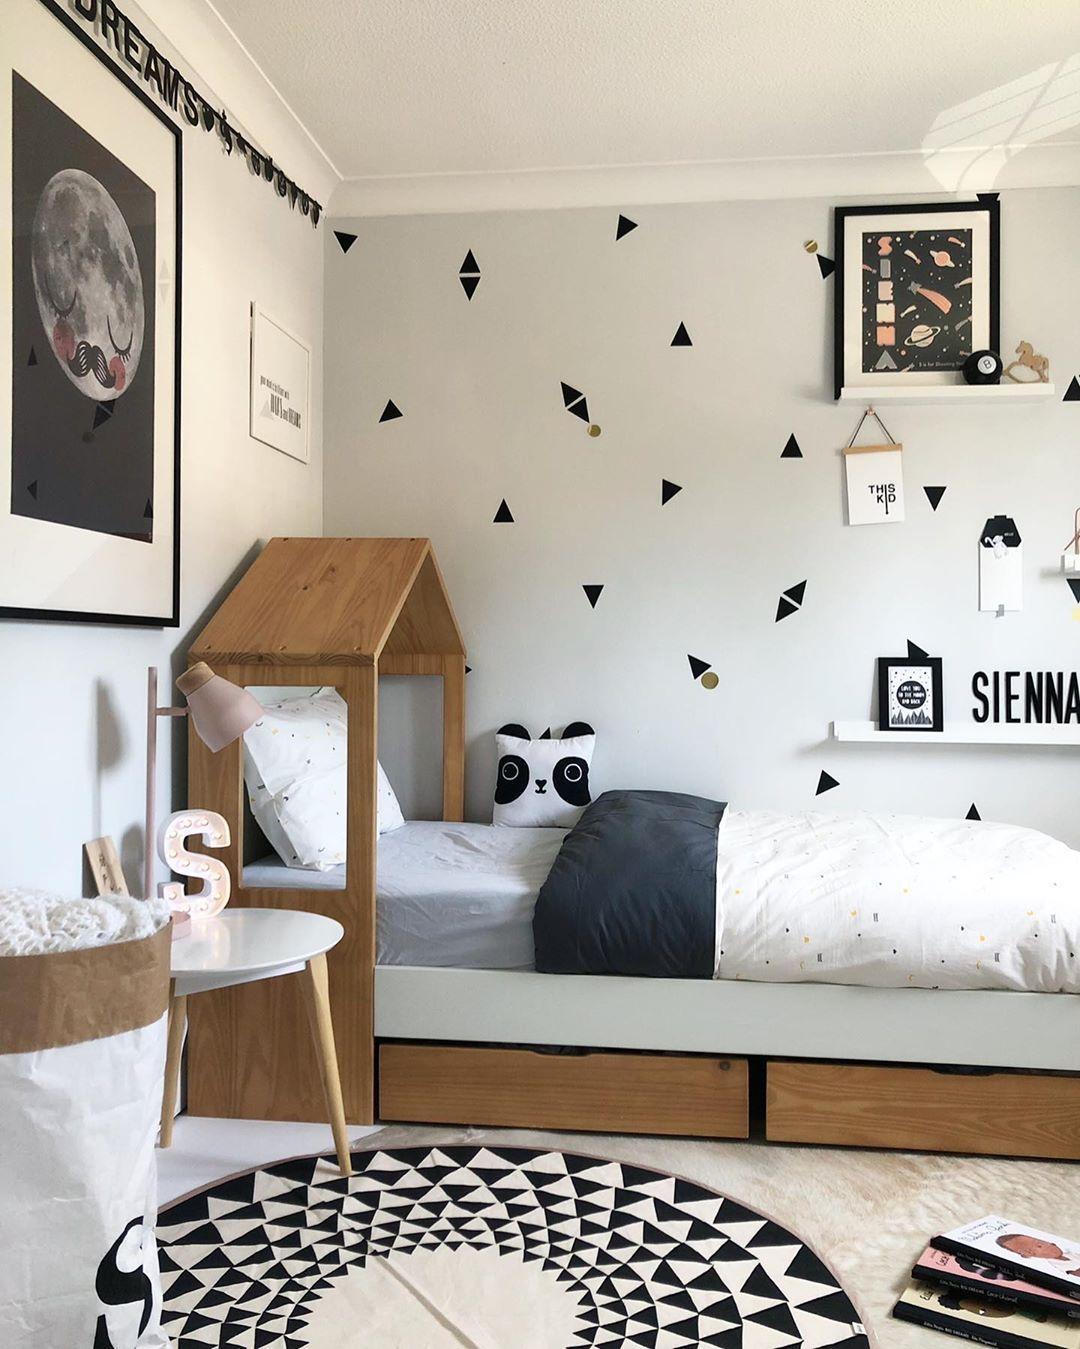 Pin by Royfort on  Die schönsten Schlafzimmer    Bed, Toddler bedrooms, Soft bedding